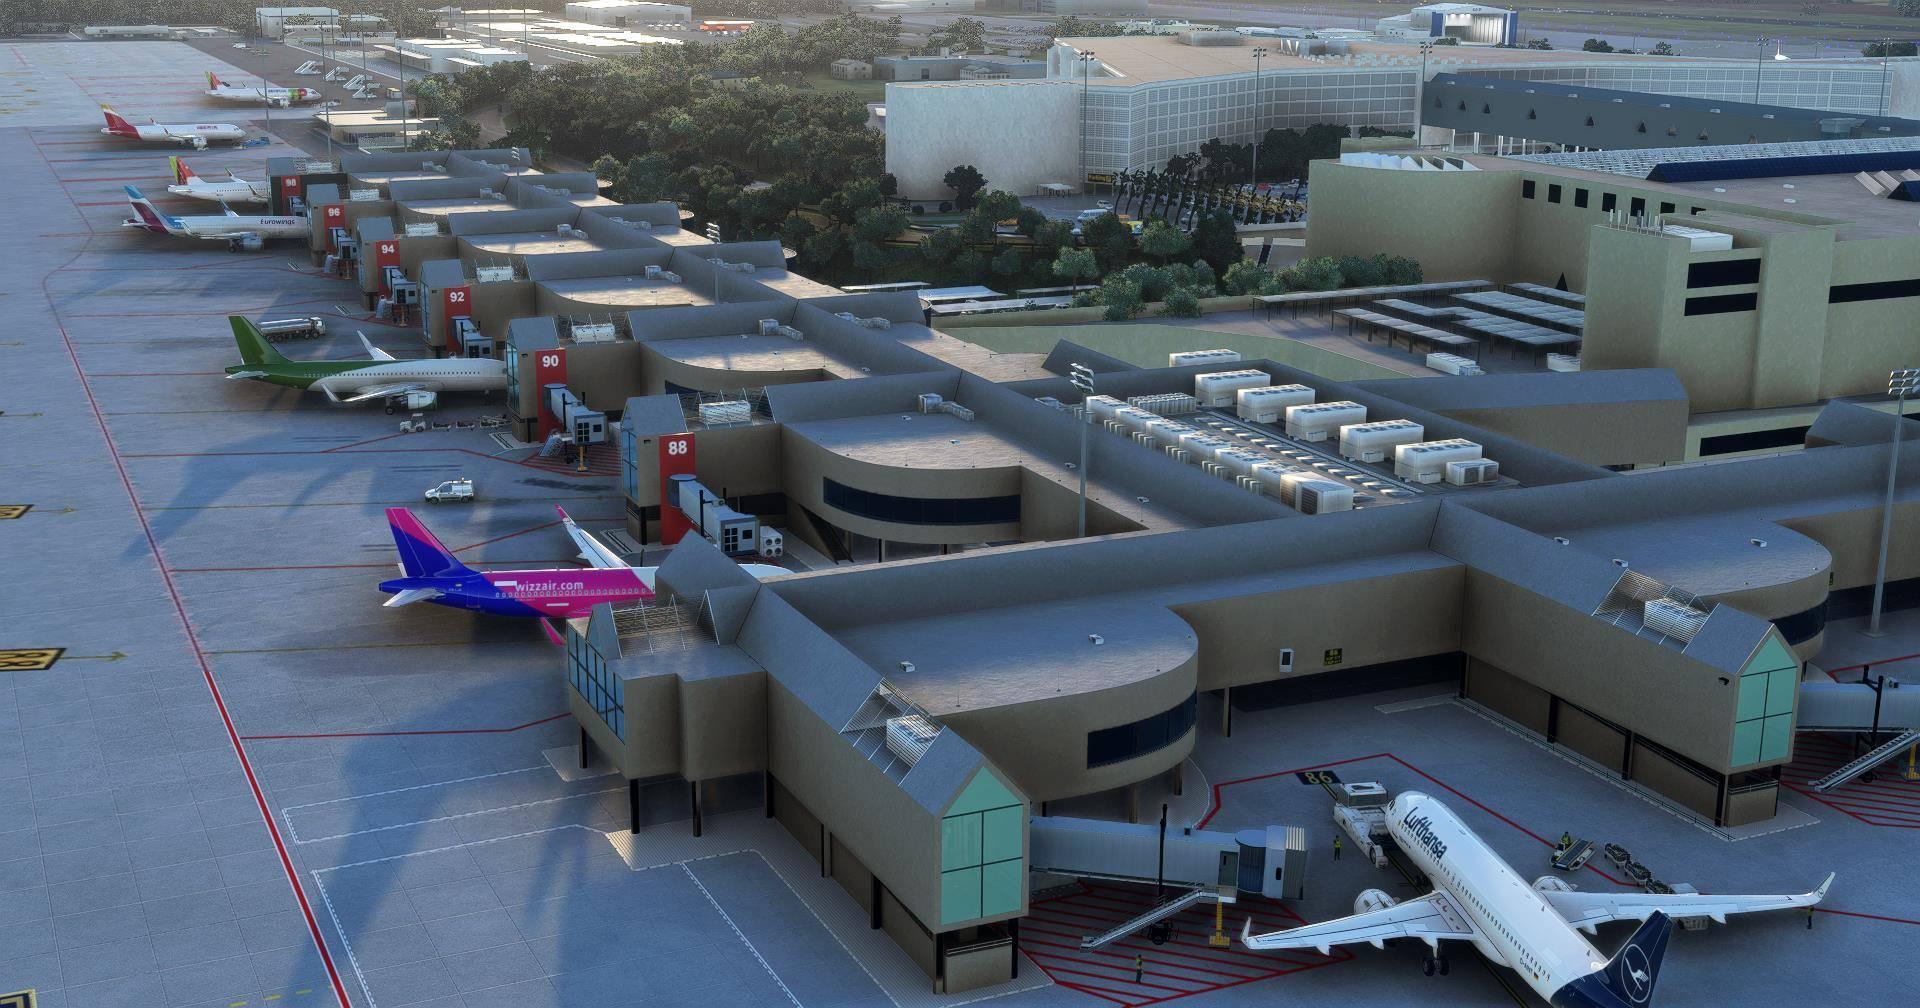 palma-de-mallorca-airport-microsoft-flight-simulator_43_ss_l_211008080121